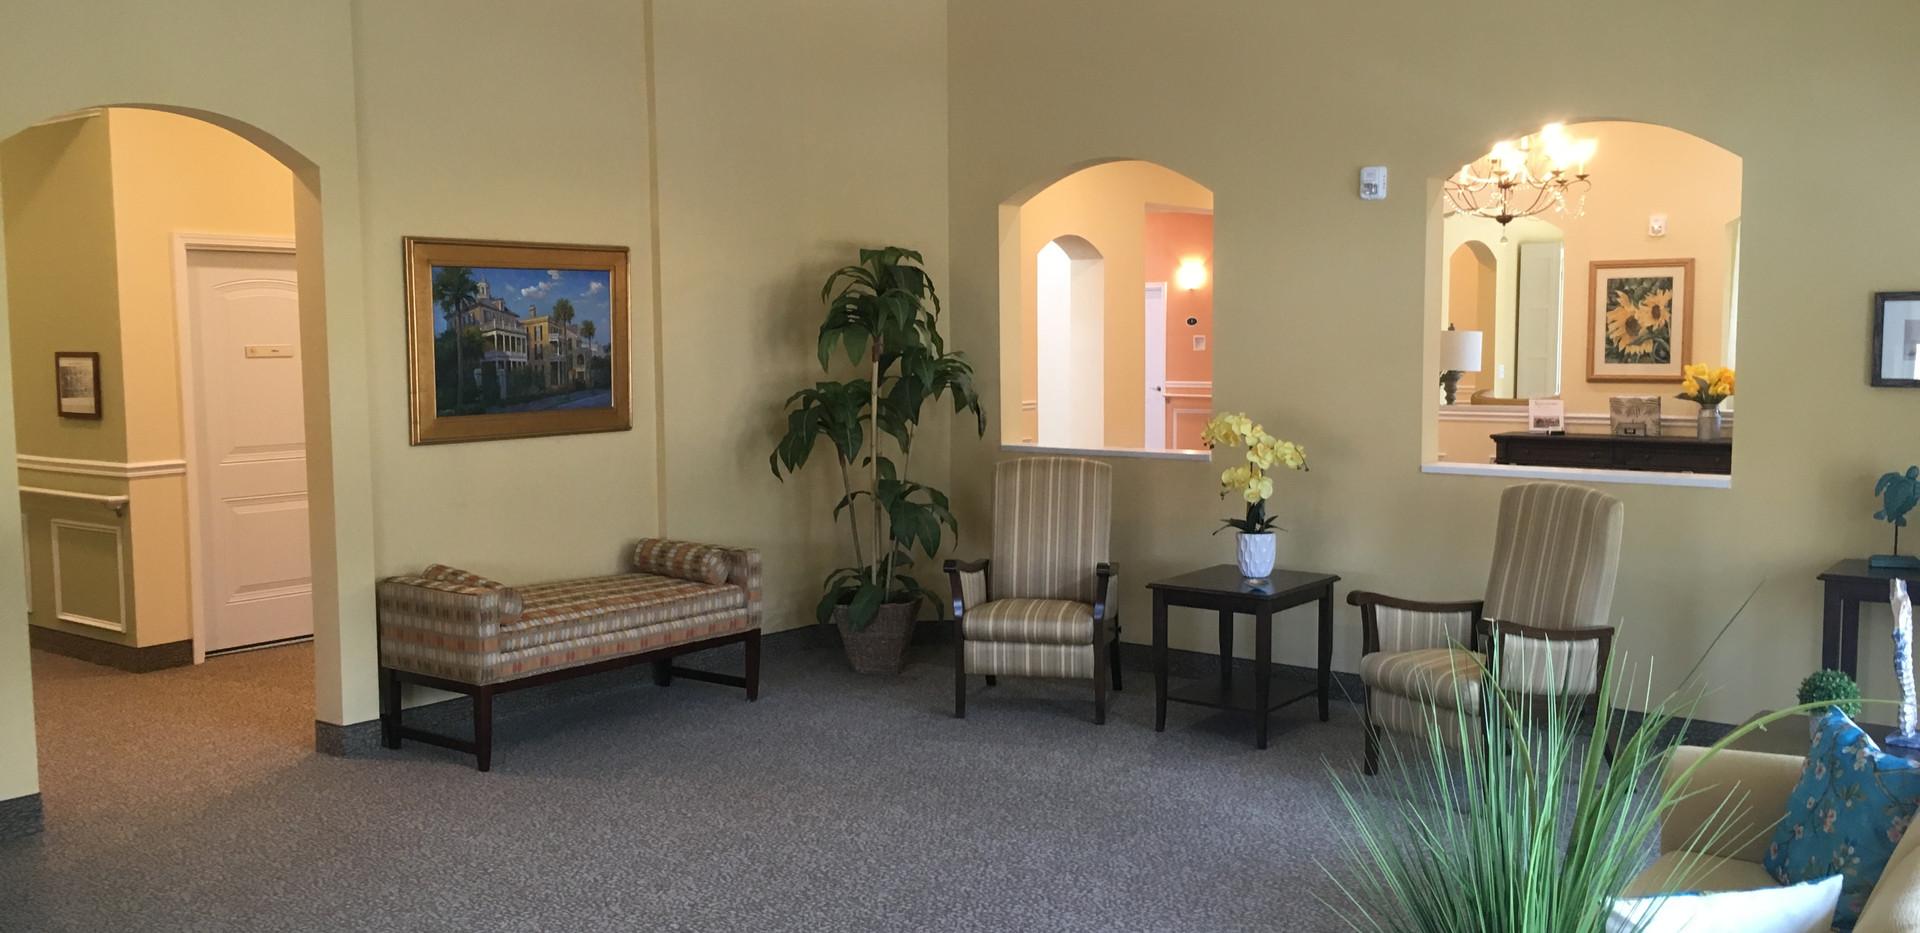 Memory Care - Living Room #2.JPG